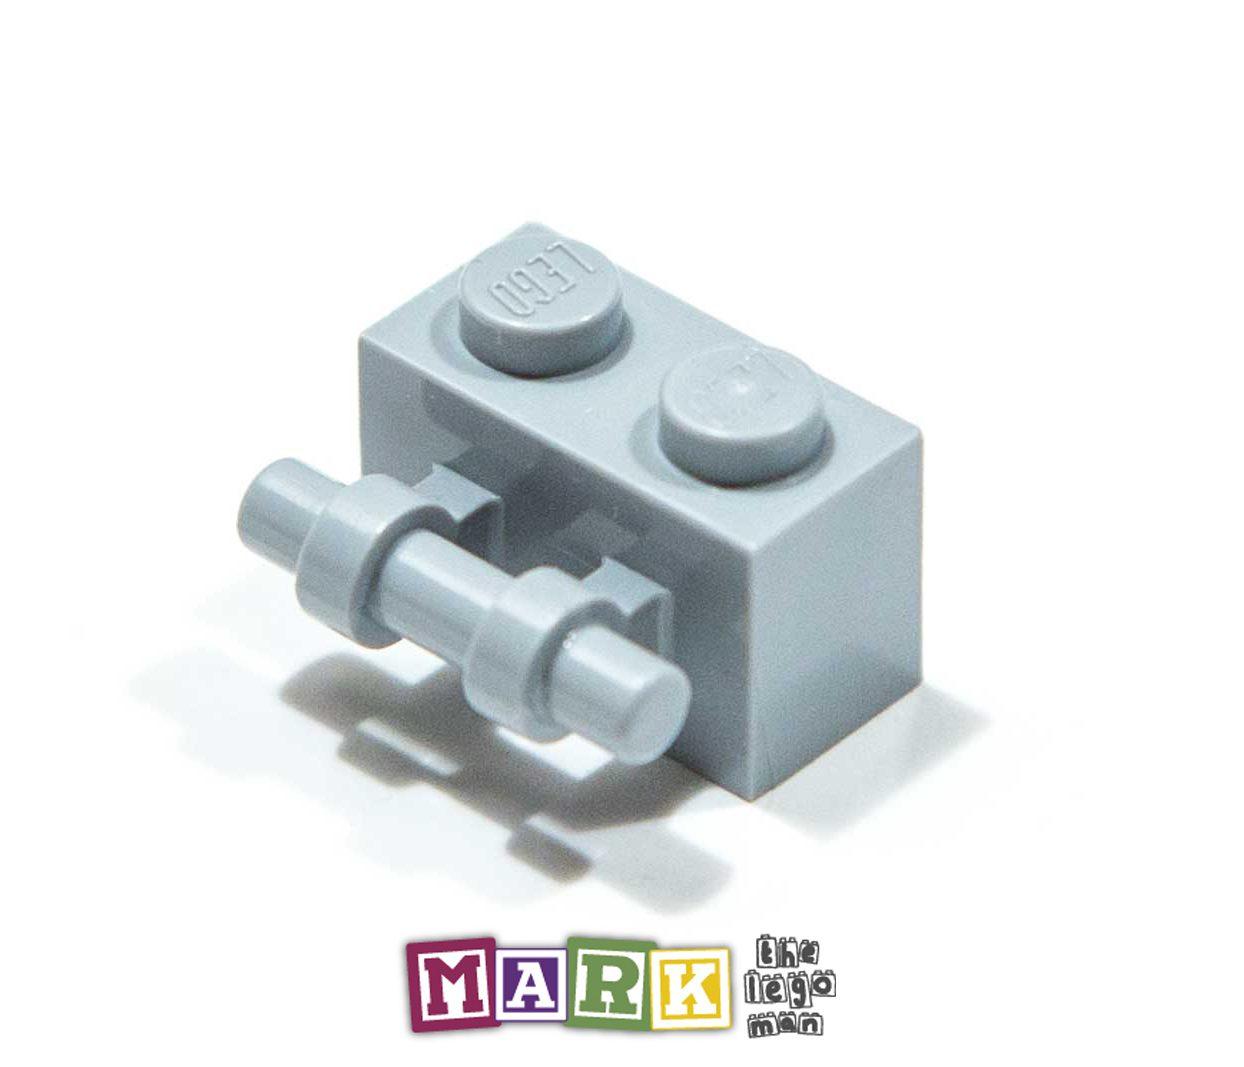 New Lego 30236 1x2 Brick with stick 4211580